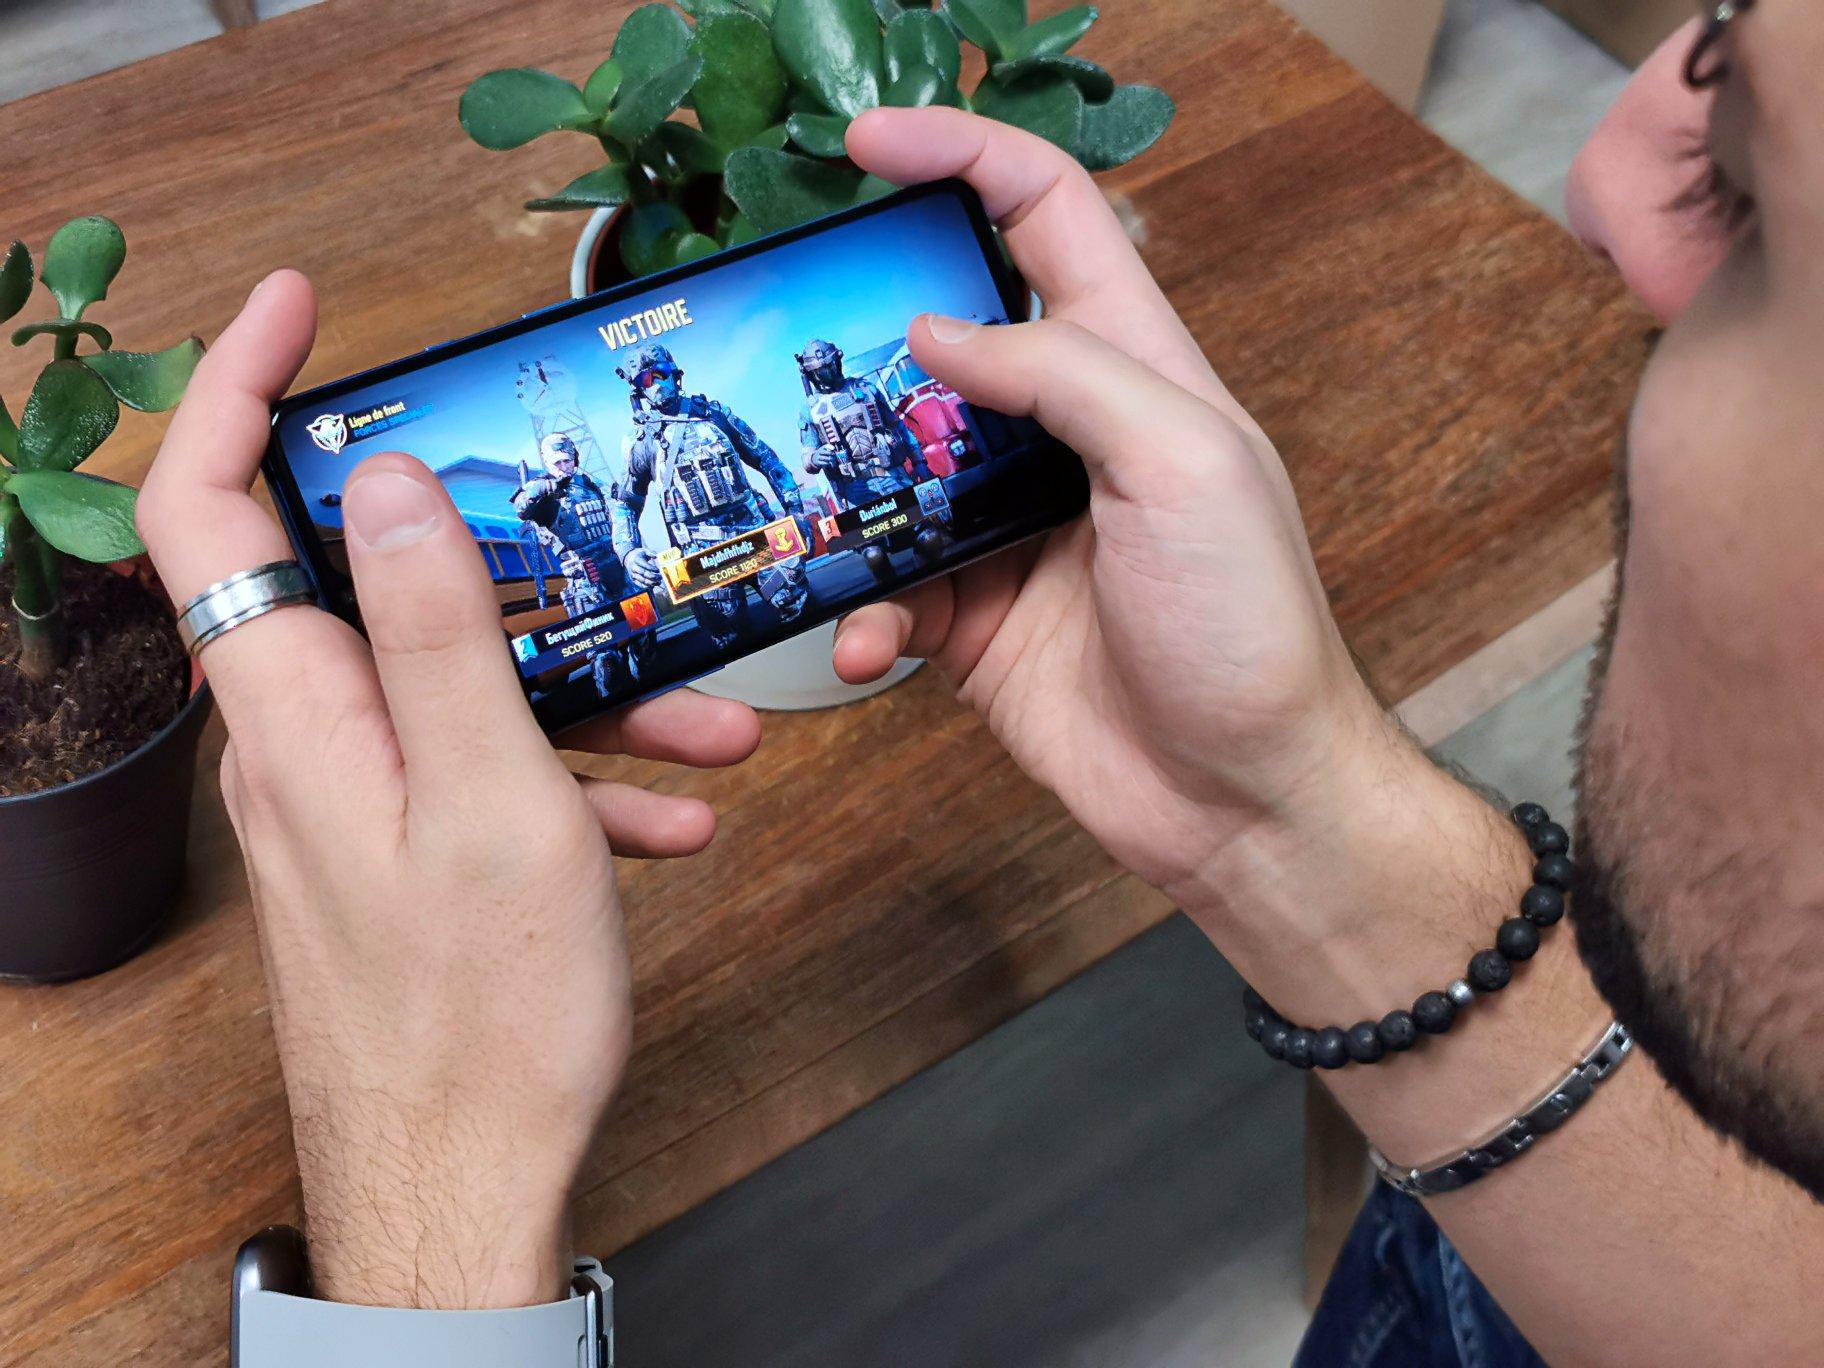 Les Meilleurs Fps Et Tps (Jeux De Tir) Sur Android Et Iphone serapportantà Jeu Garcon 4 Ans Gratuit